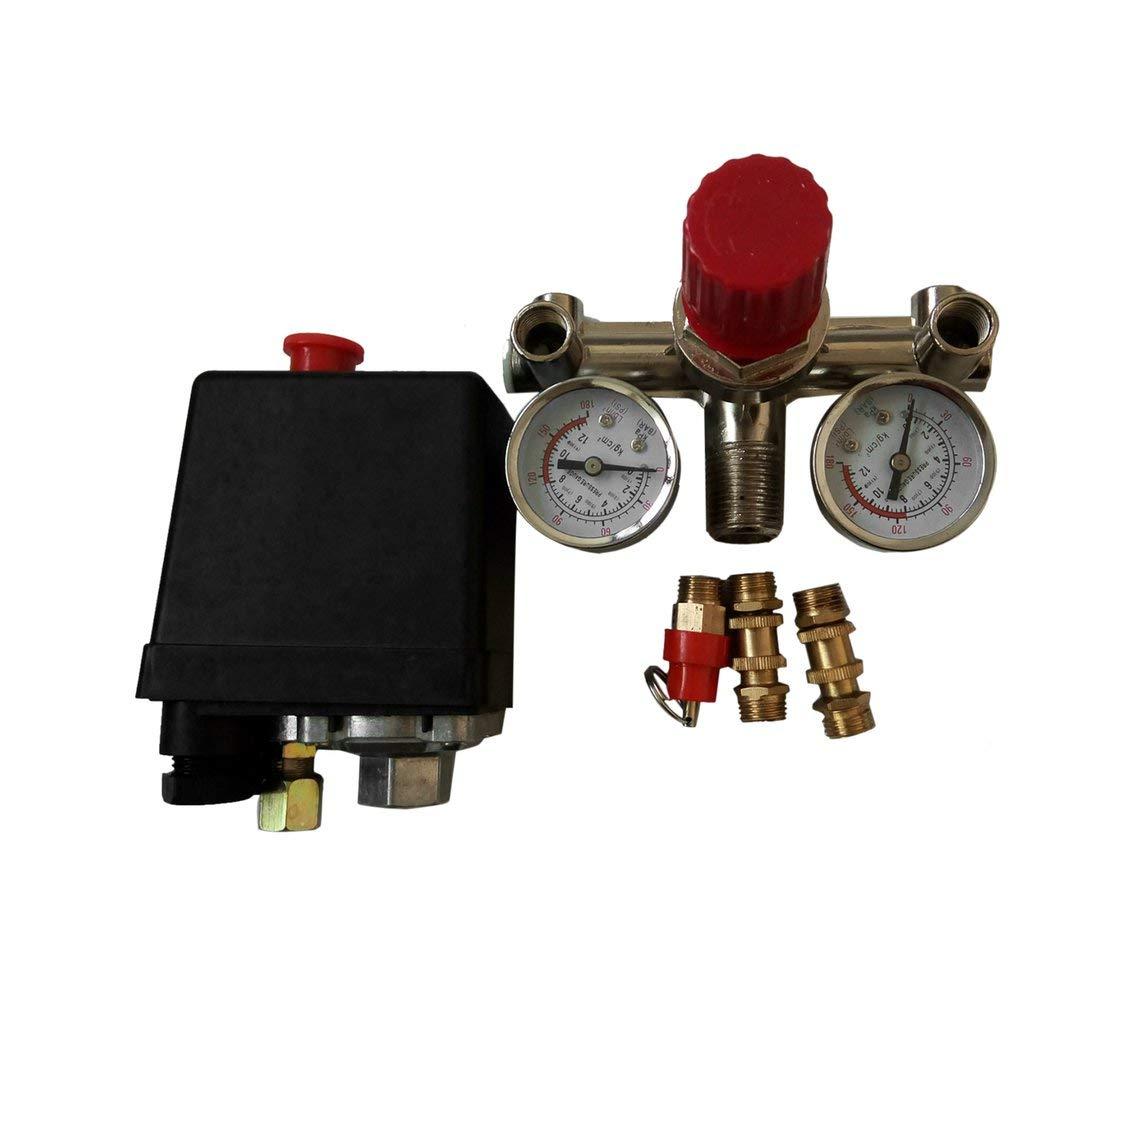 Mazur 90-120PSI Compresor de aire ajustable Interruptor de presión Válvula de control con 2 medidores de presión Juego de control de válvula 002 (negro y ...